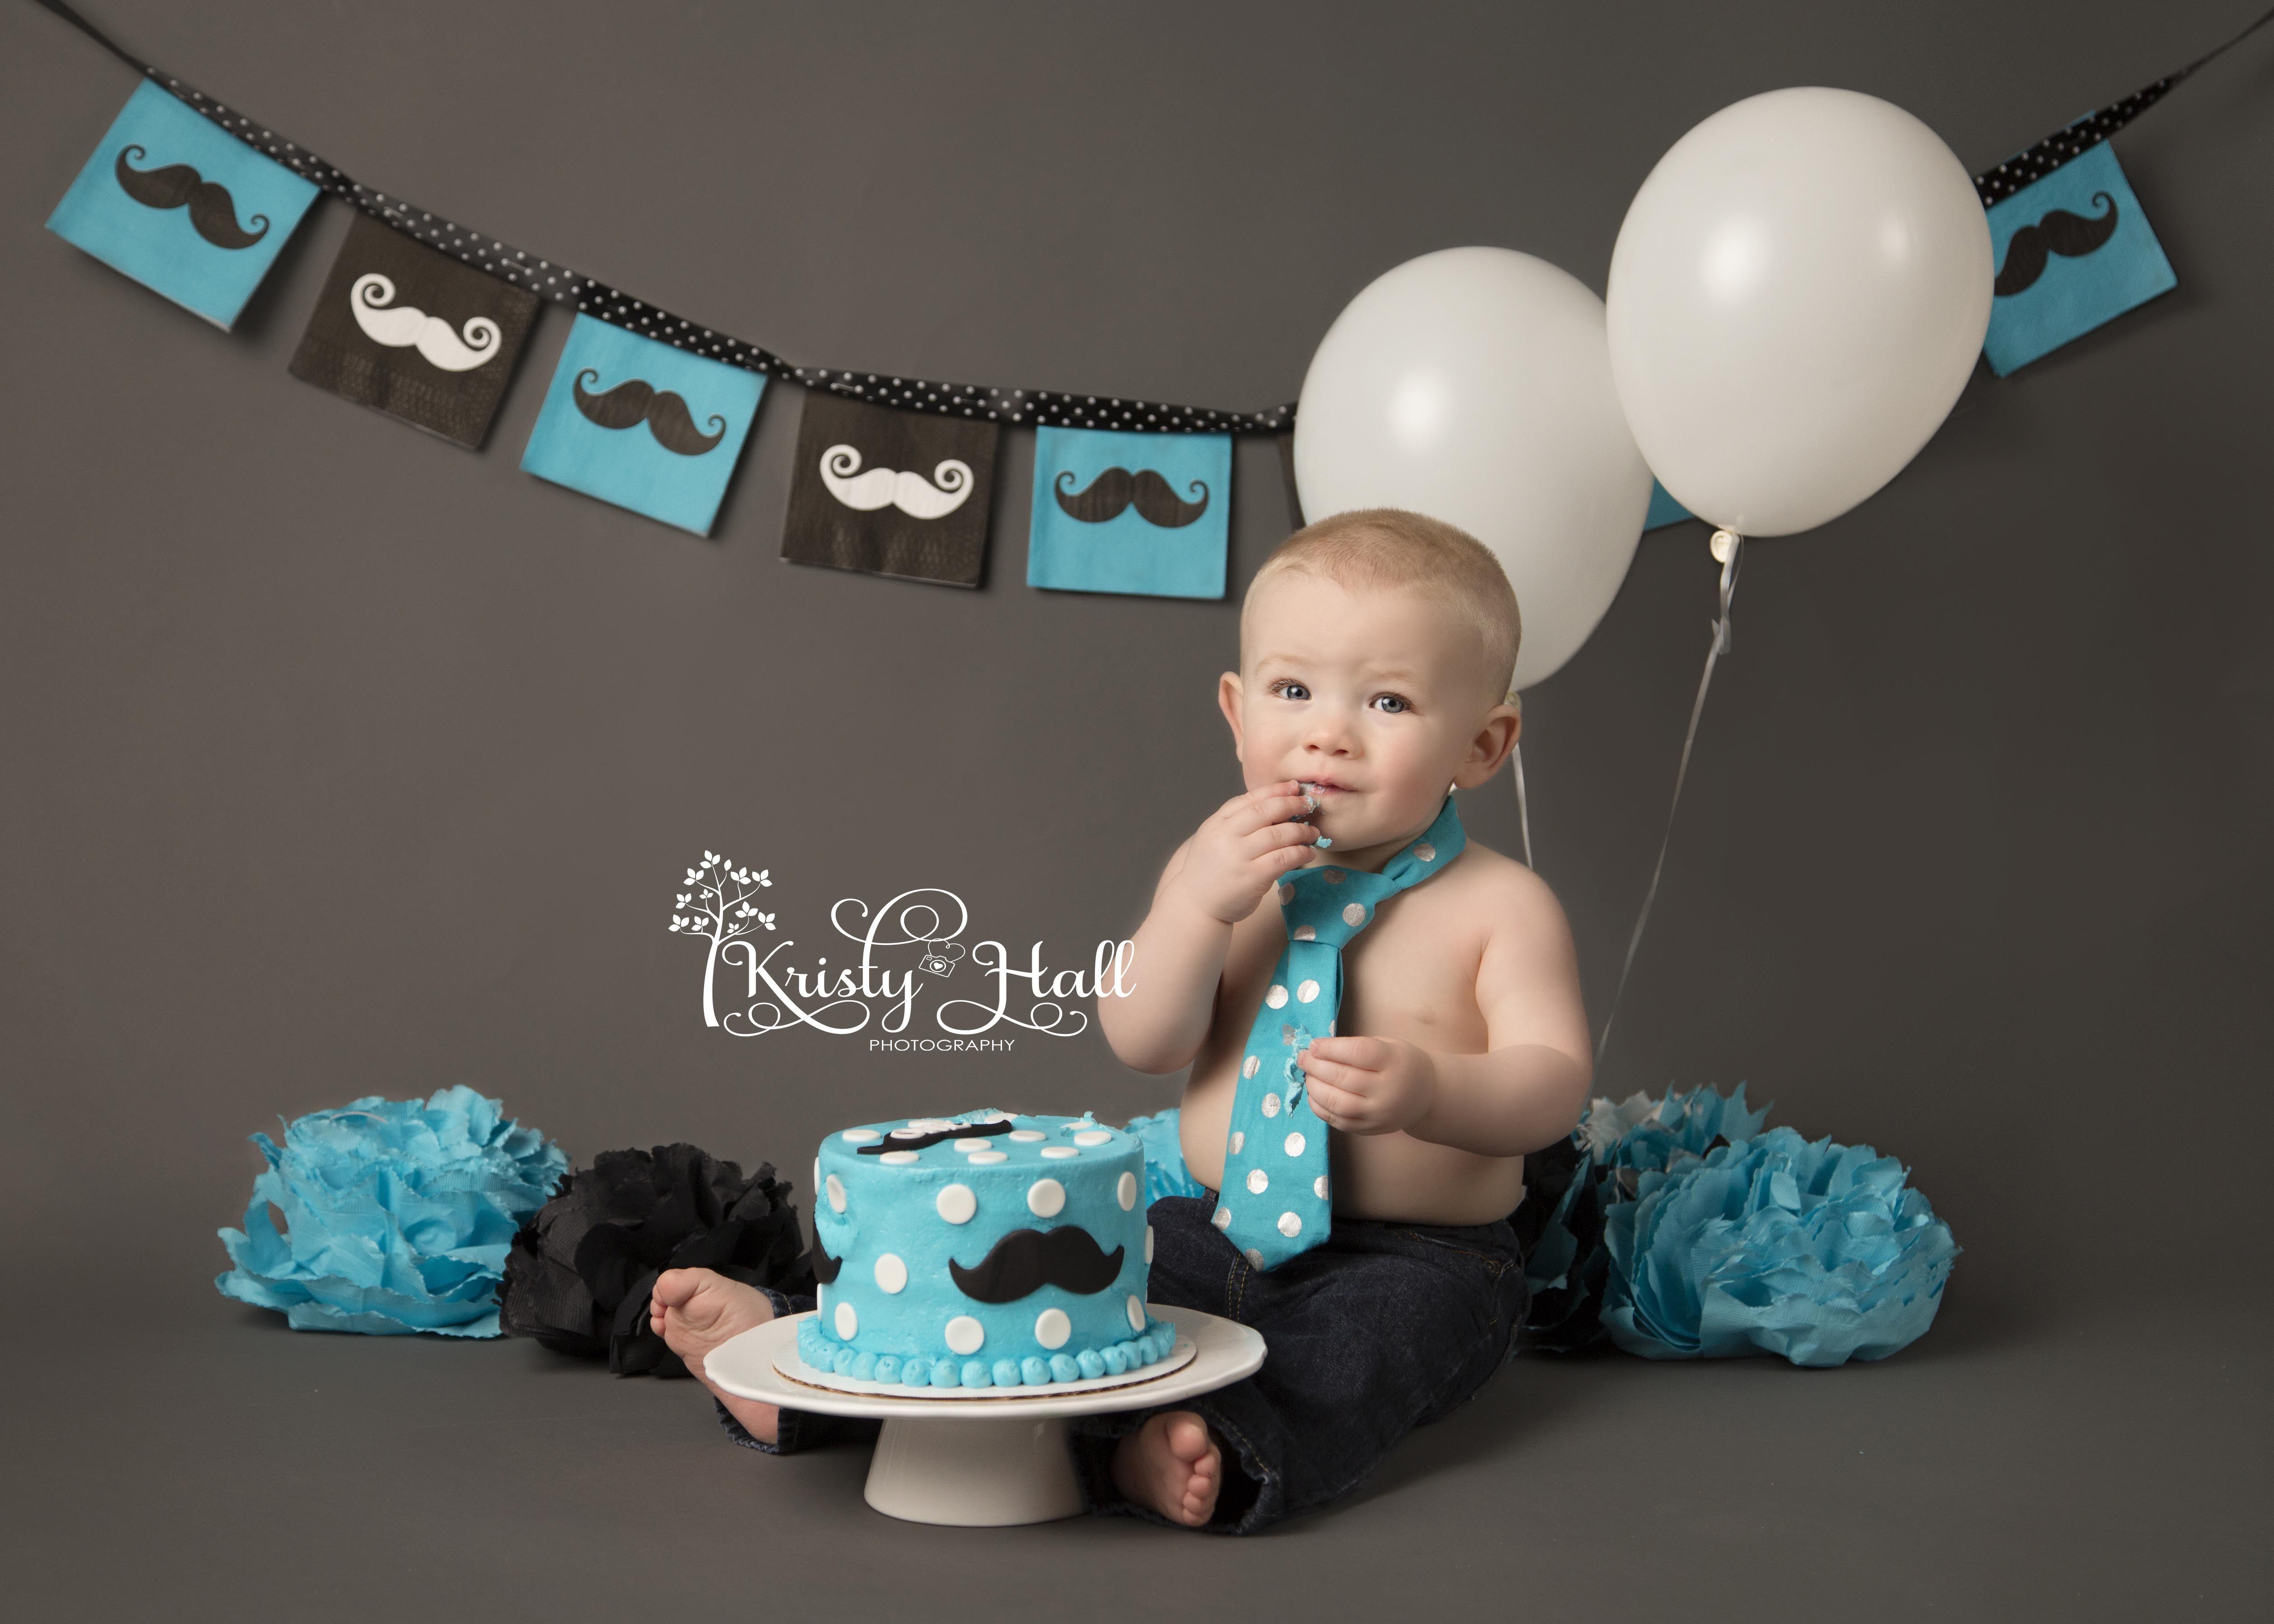 Boy Cake Smash Cake Smash Ideas Pinterest